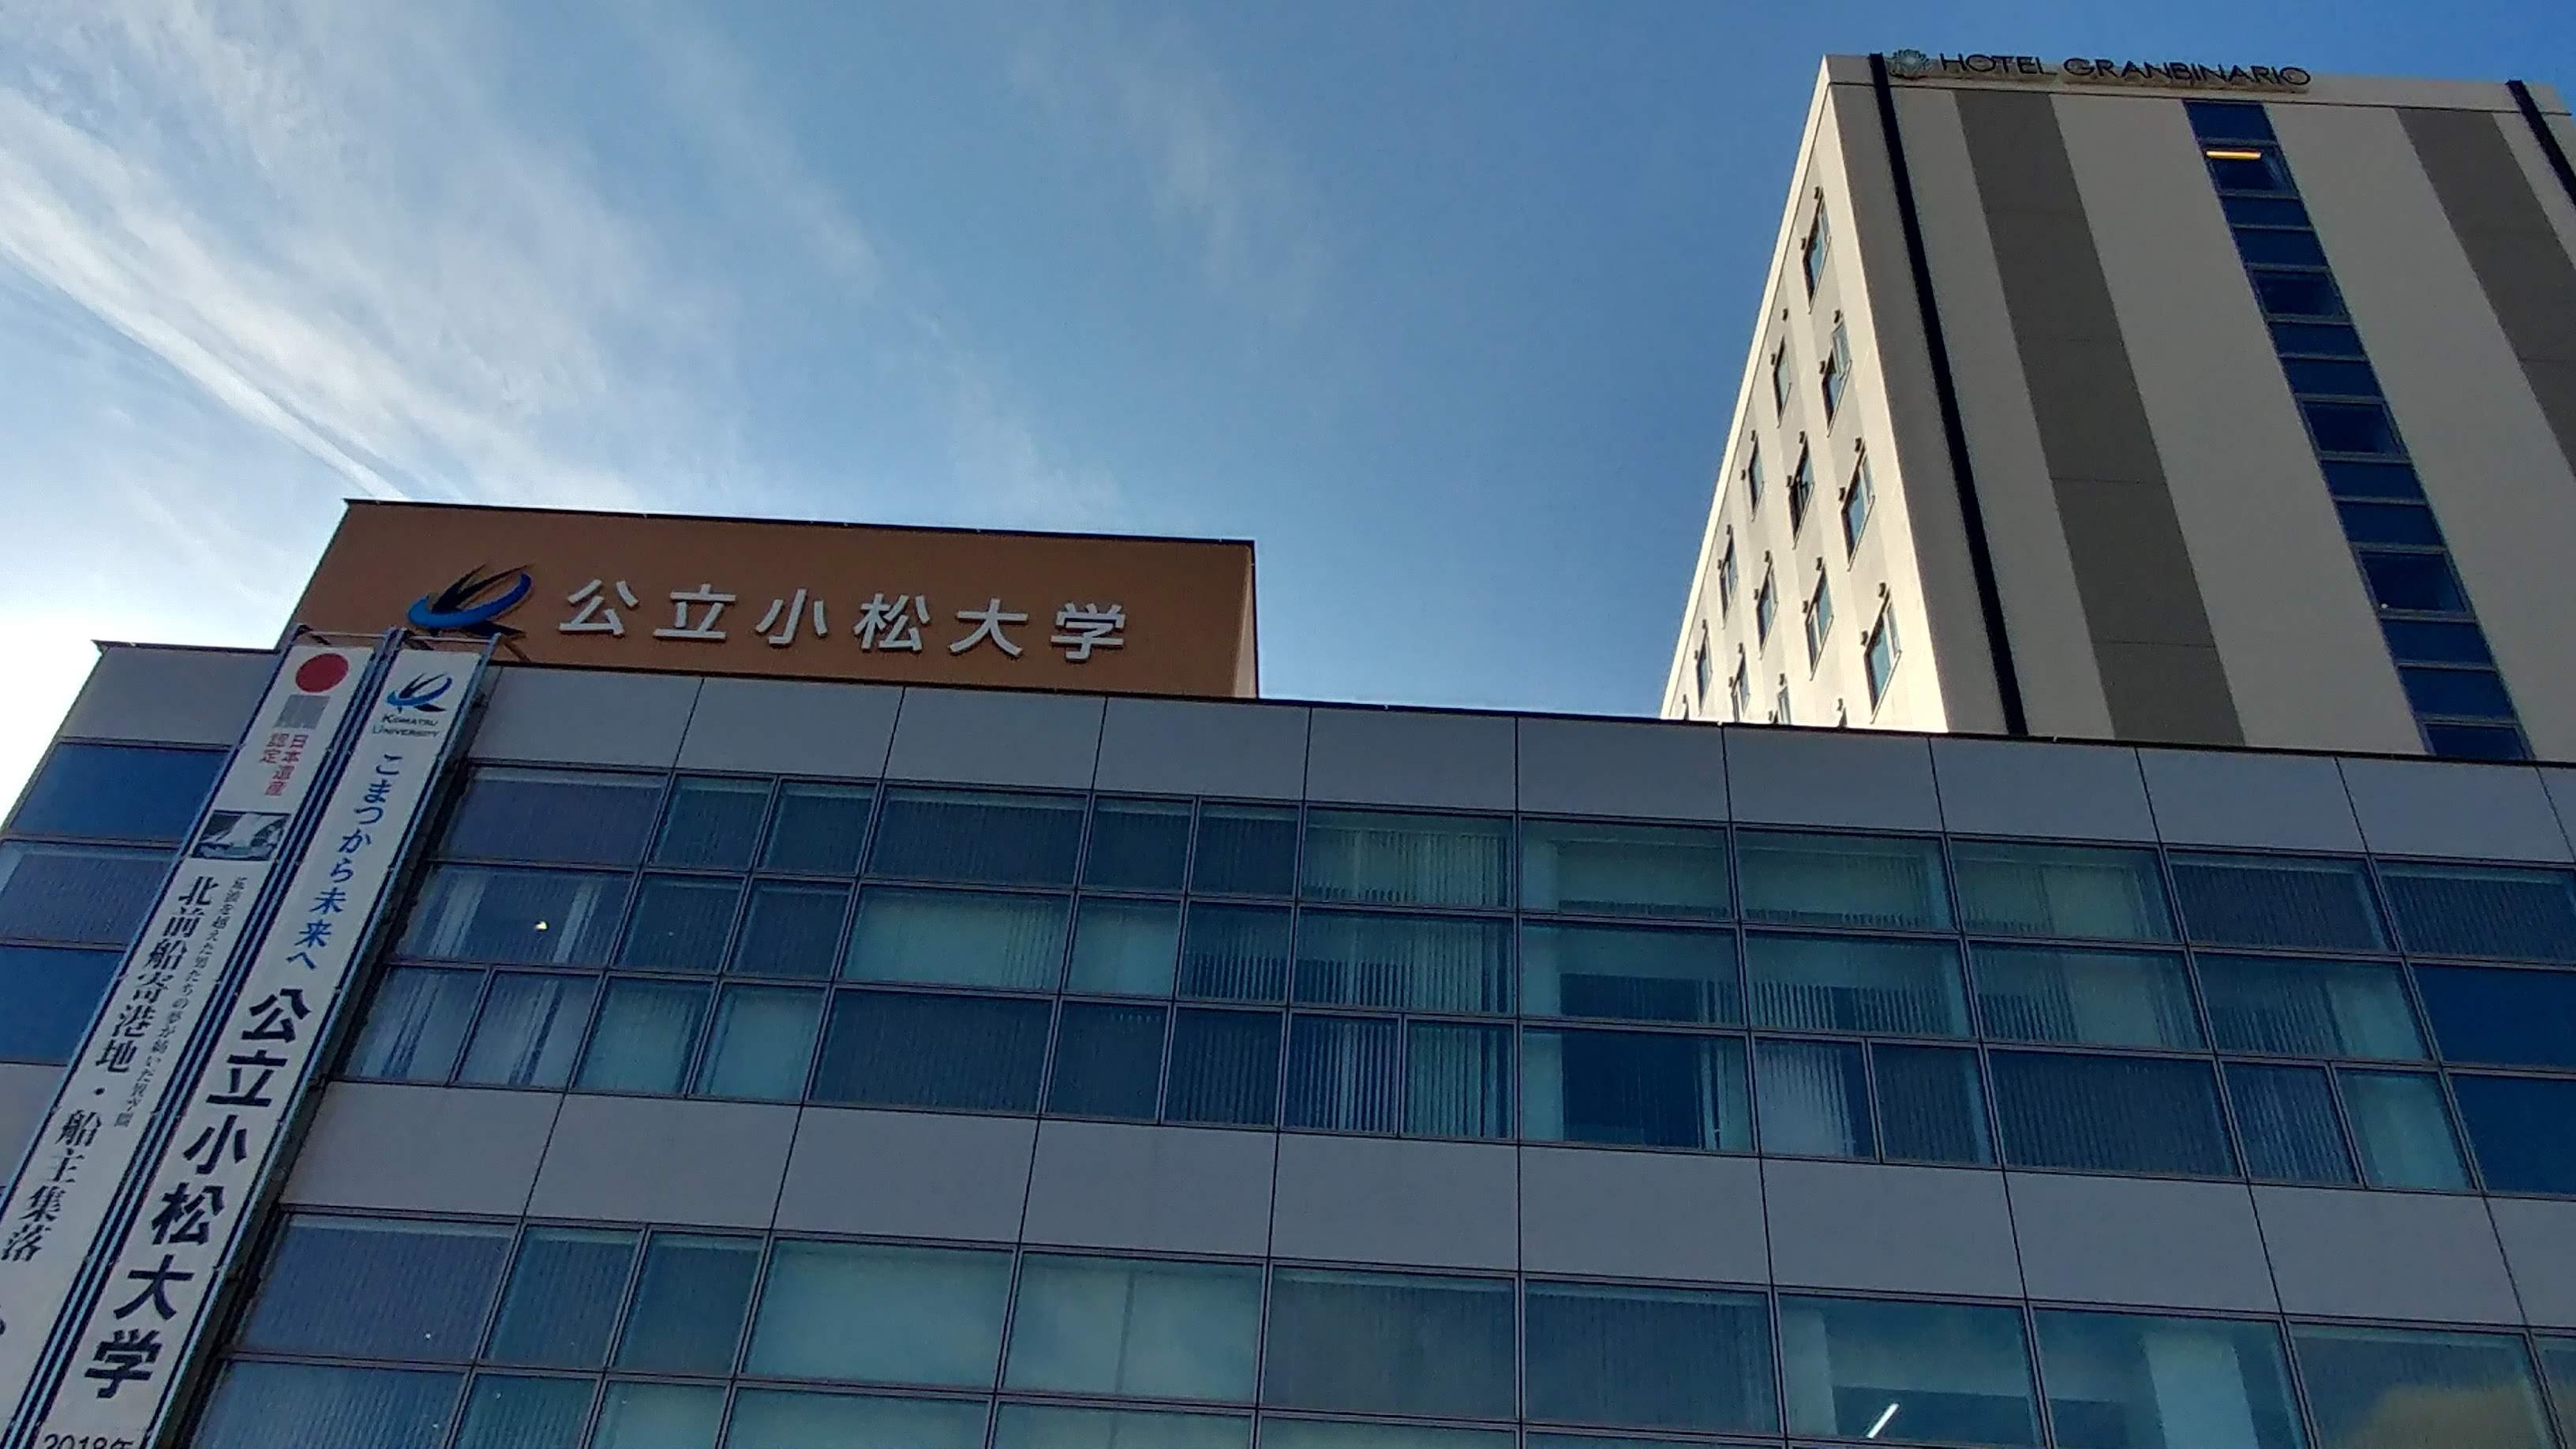 大学 公立 小松